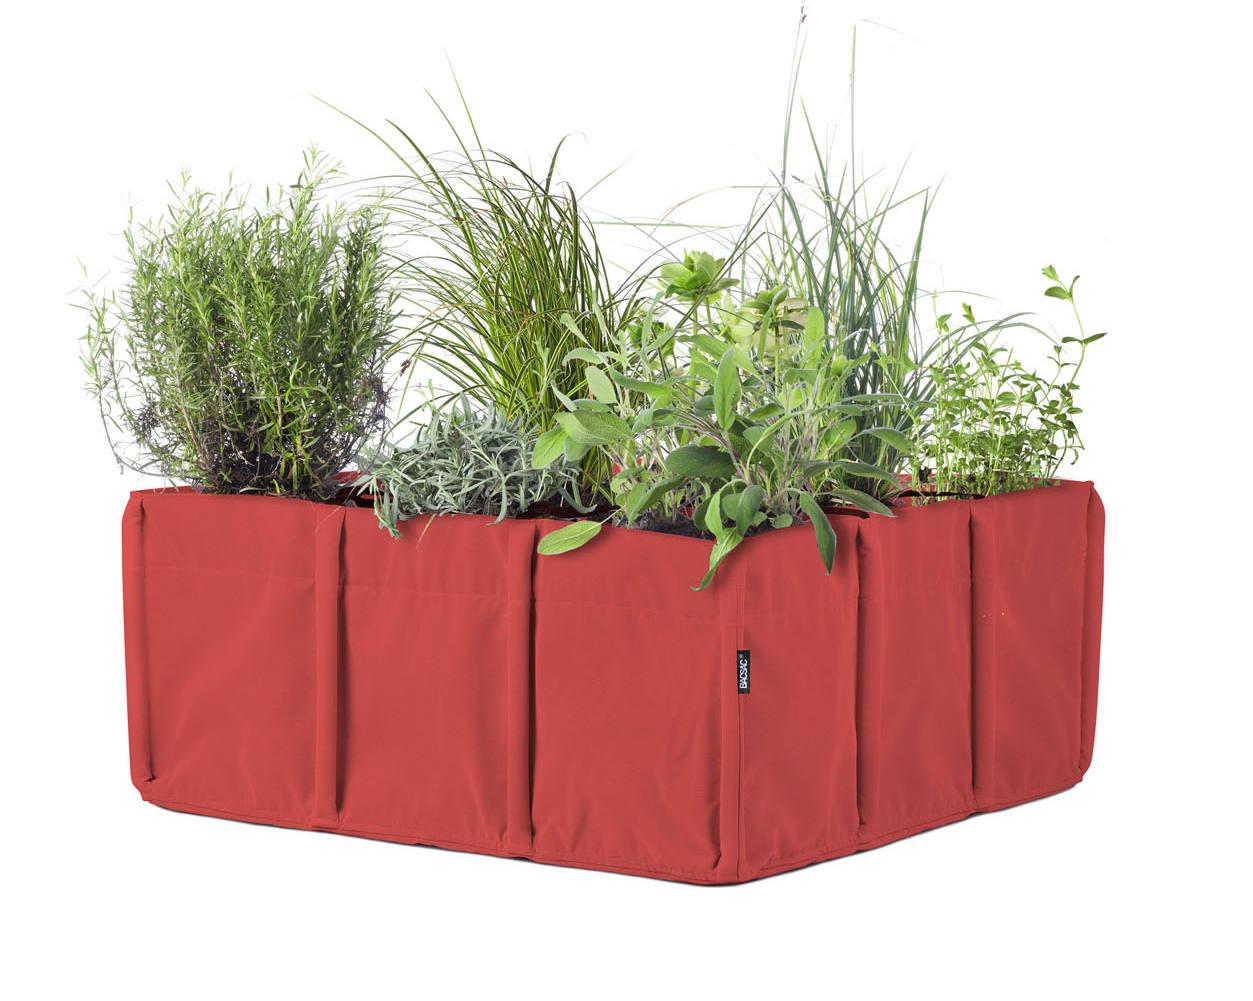 Bac Pour Arbuste De Jardin potagers en sacs : la nouvelle tendance